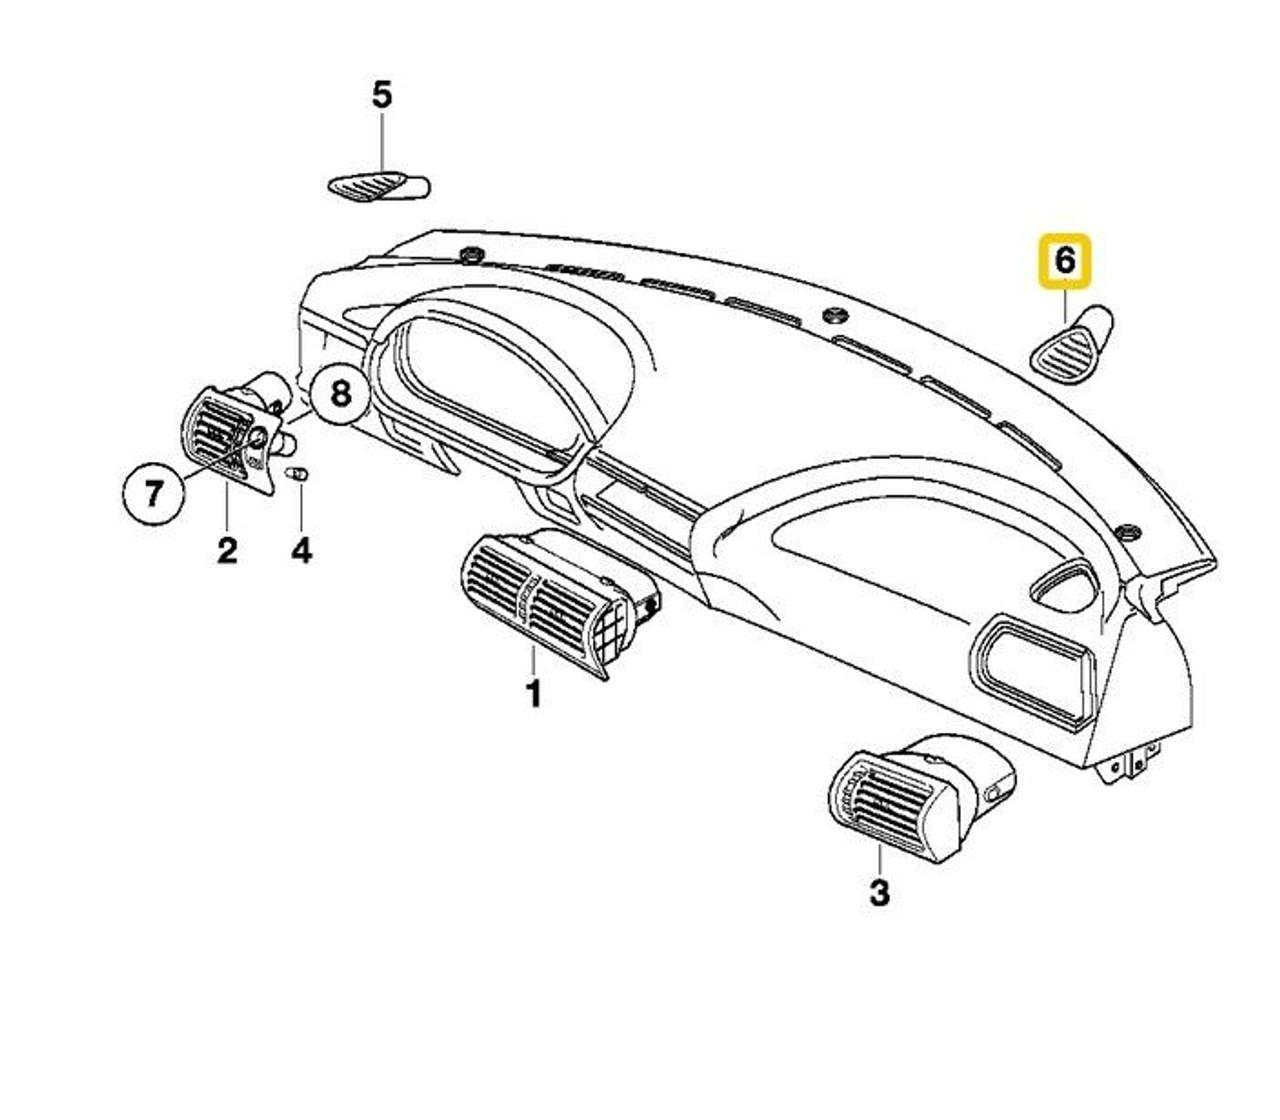 medium resolution of genuine bmw z3 instrument panel beige defroster nozzle right 96 02 64228399938 theis motorsport